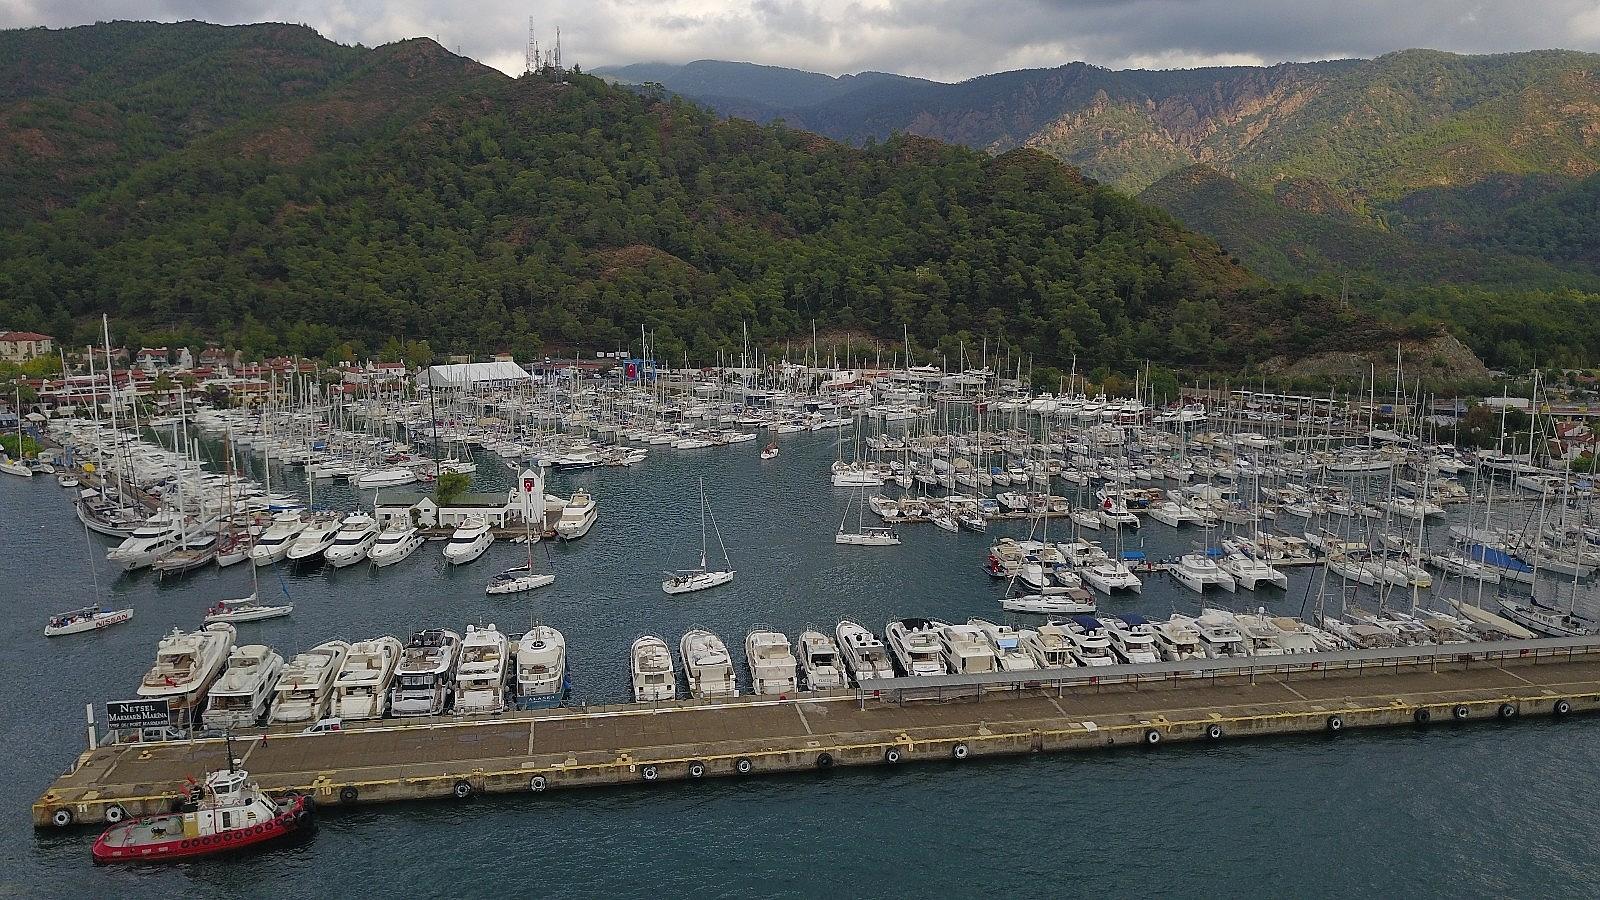 2021/04/luks-teknelere-karsi-olusan-ilgi-2021de-de-devam-ediyor-20210402AW28-5.jpg